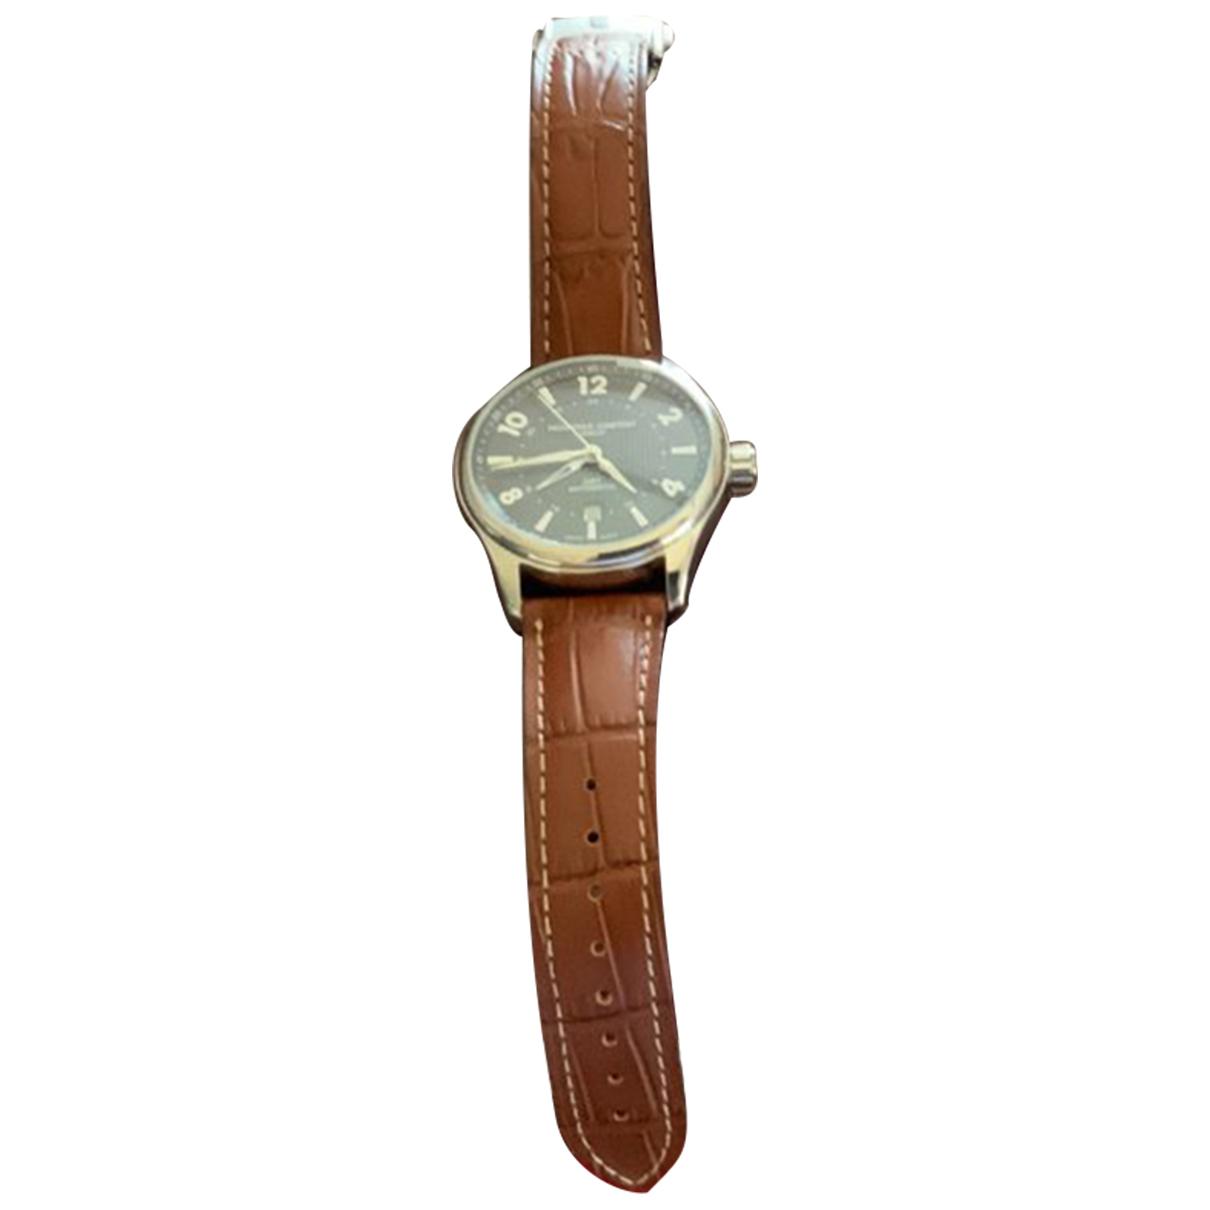 Relojes Classic Automatique Frederique Constant